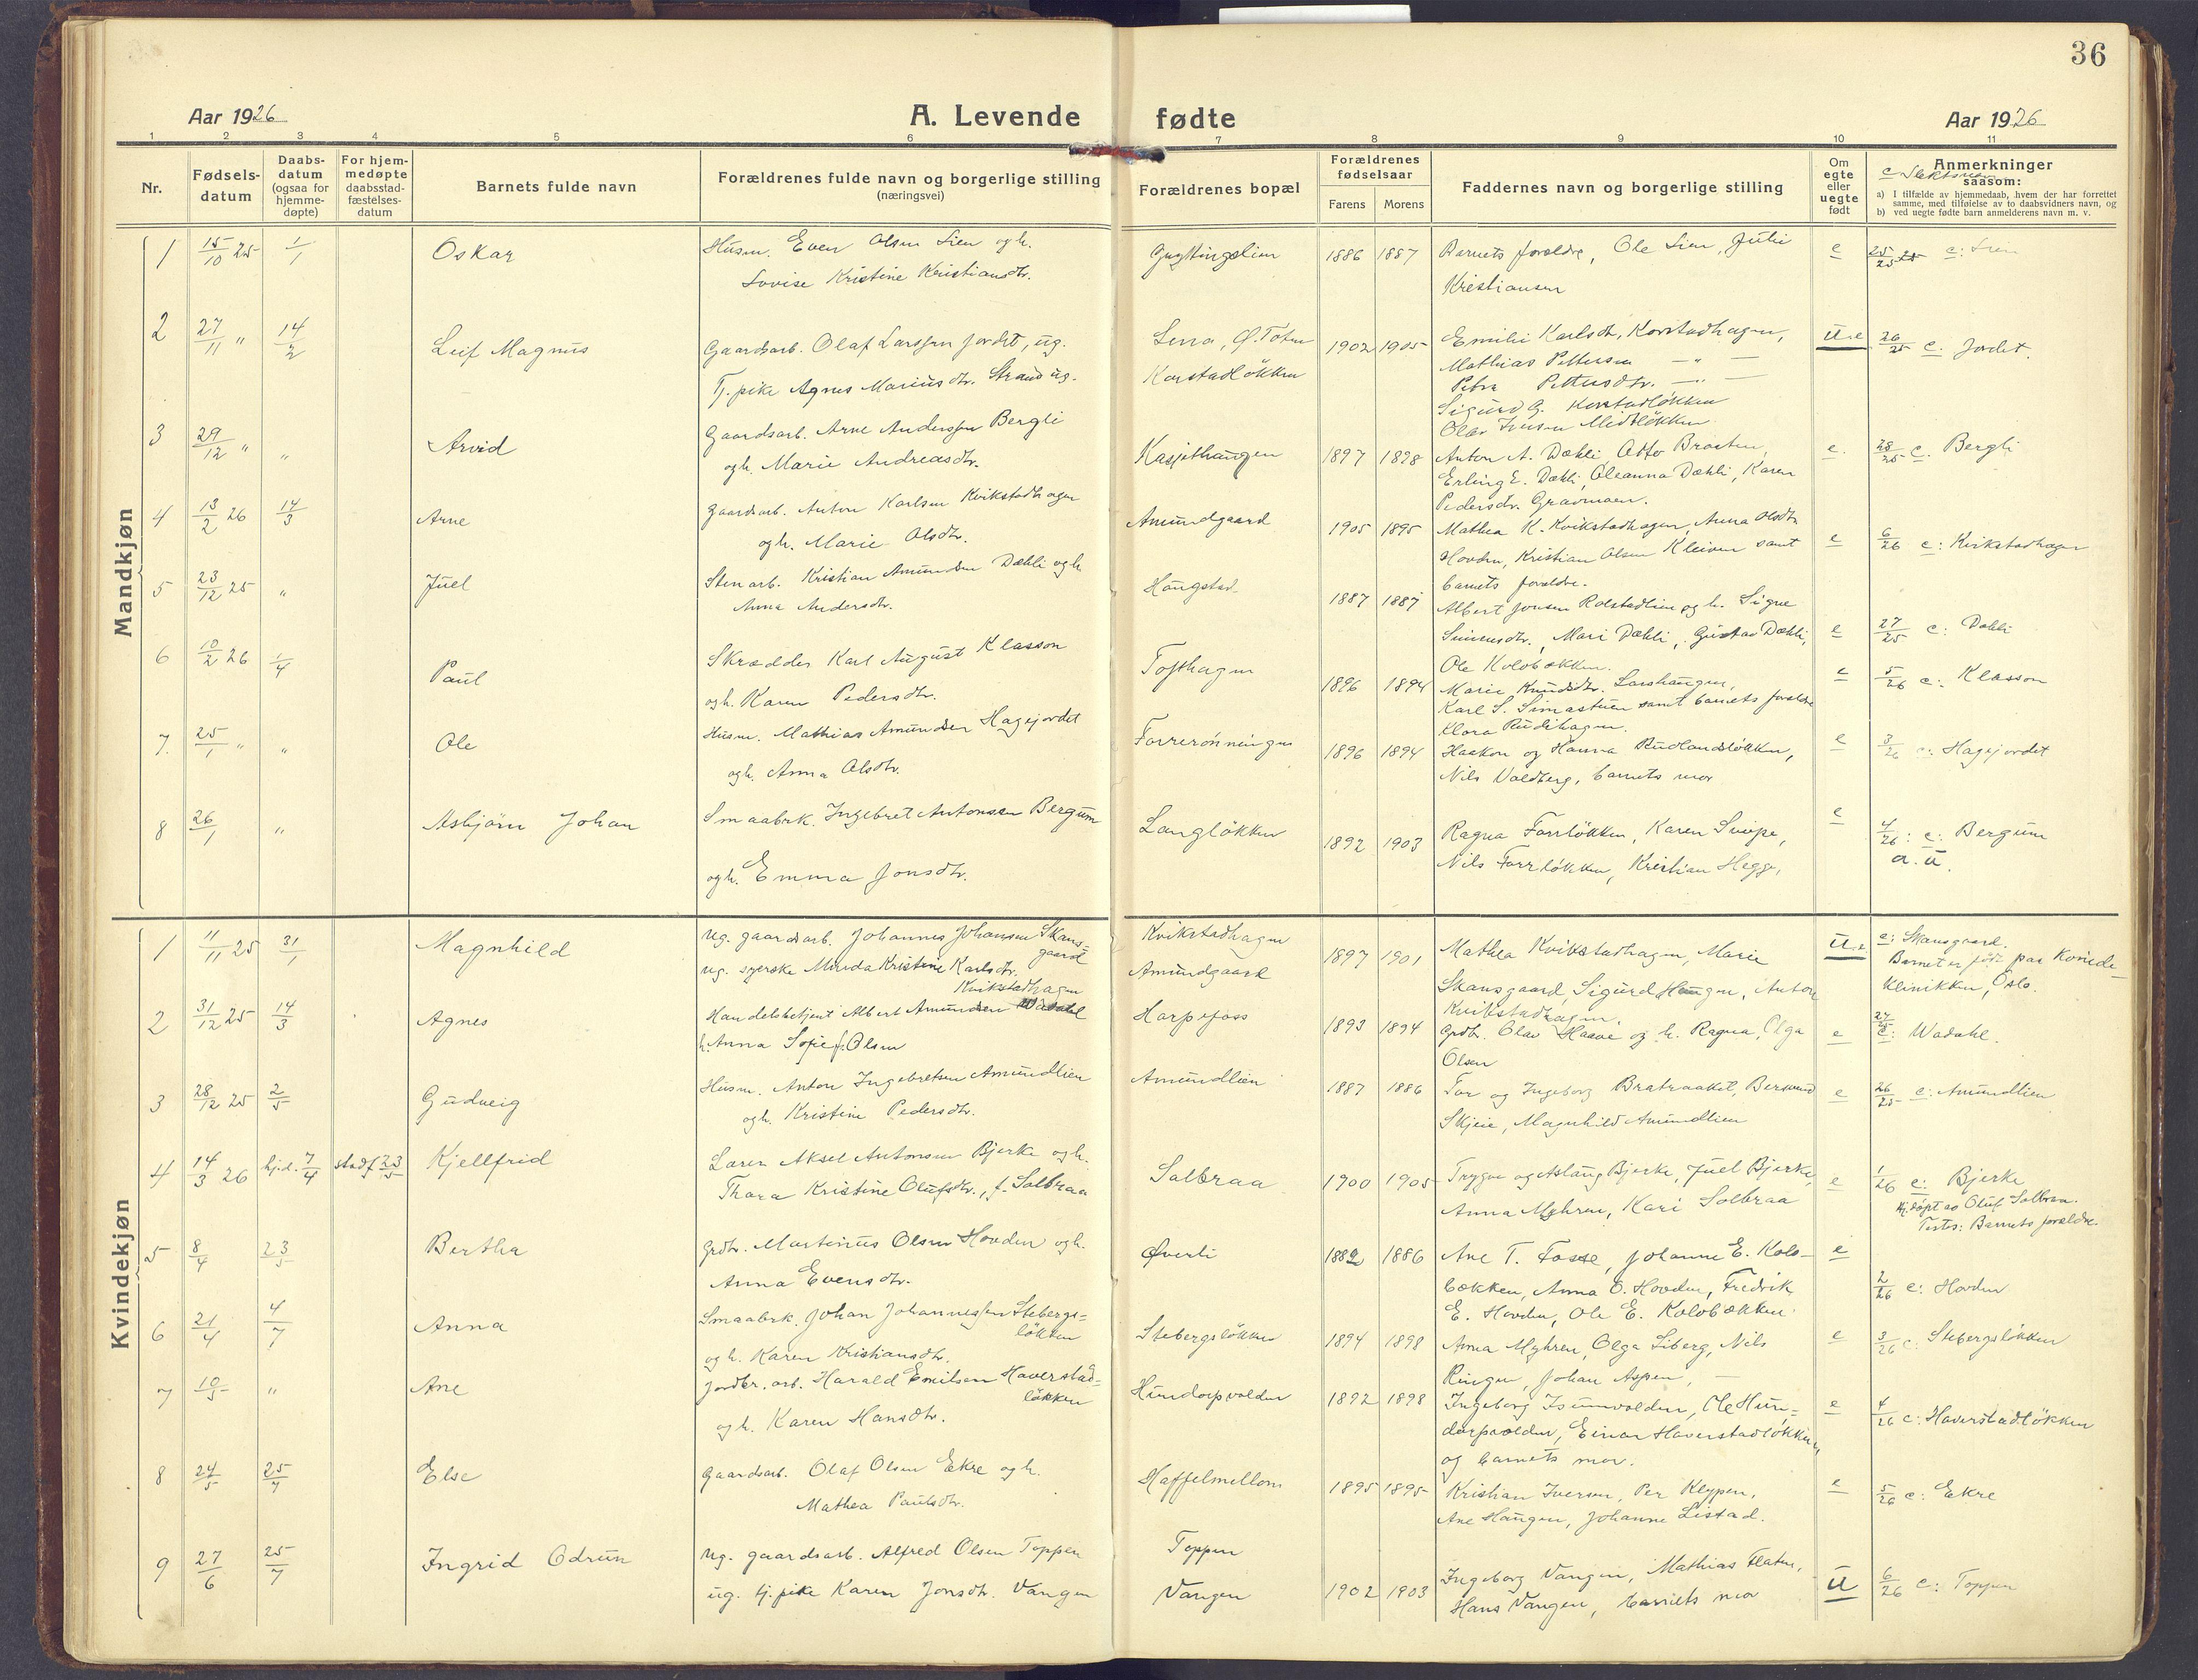 SAH, Sør-Fron prestekontor, H/Ha/Haa/L0005: Ministerialbok nr. 5, 1920-1933, s. 36